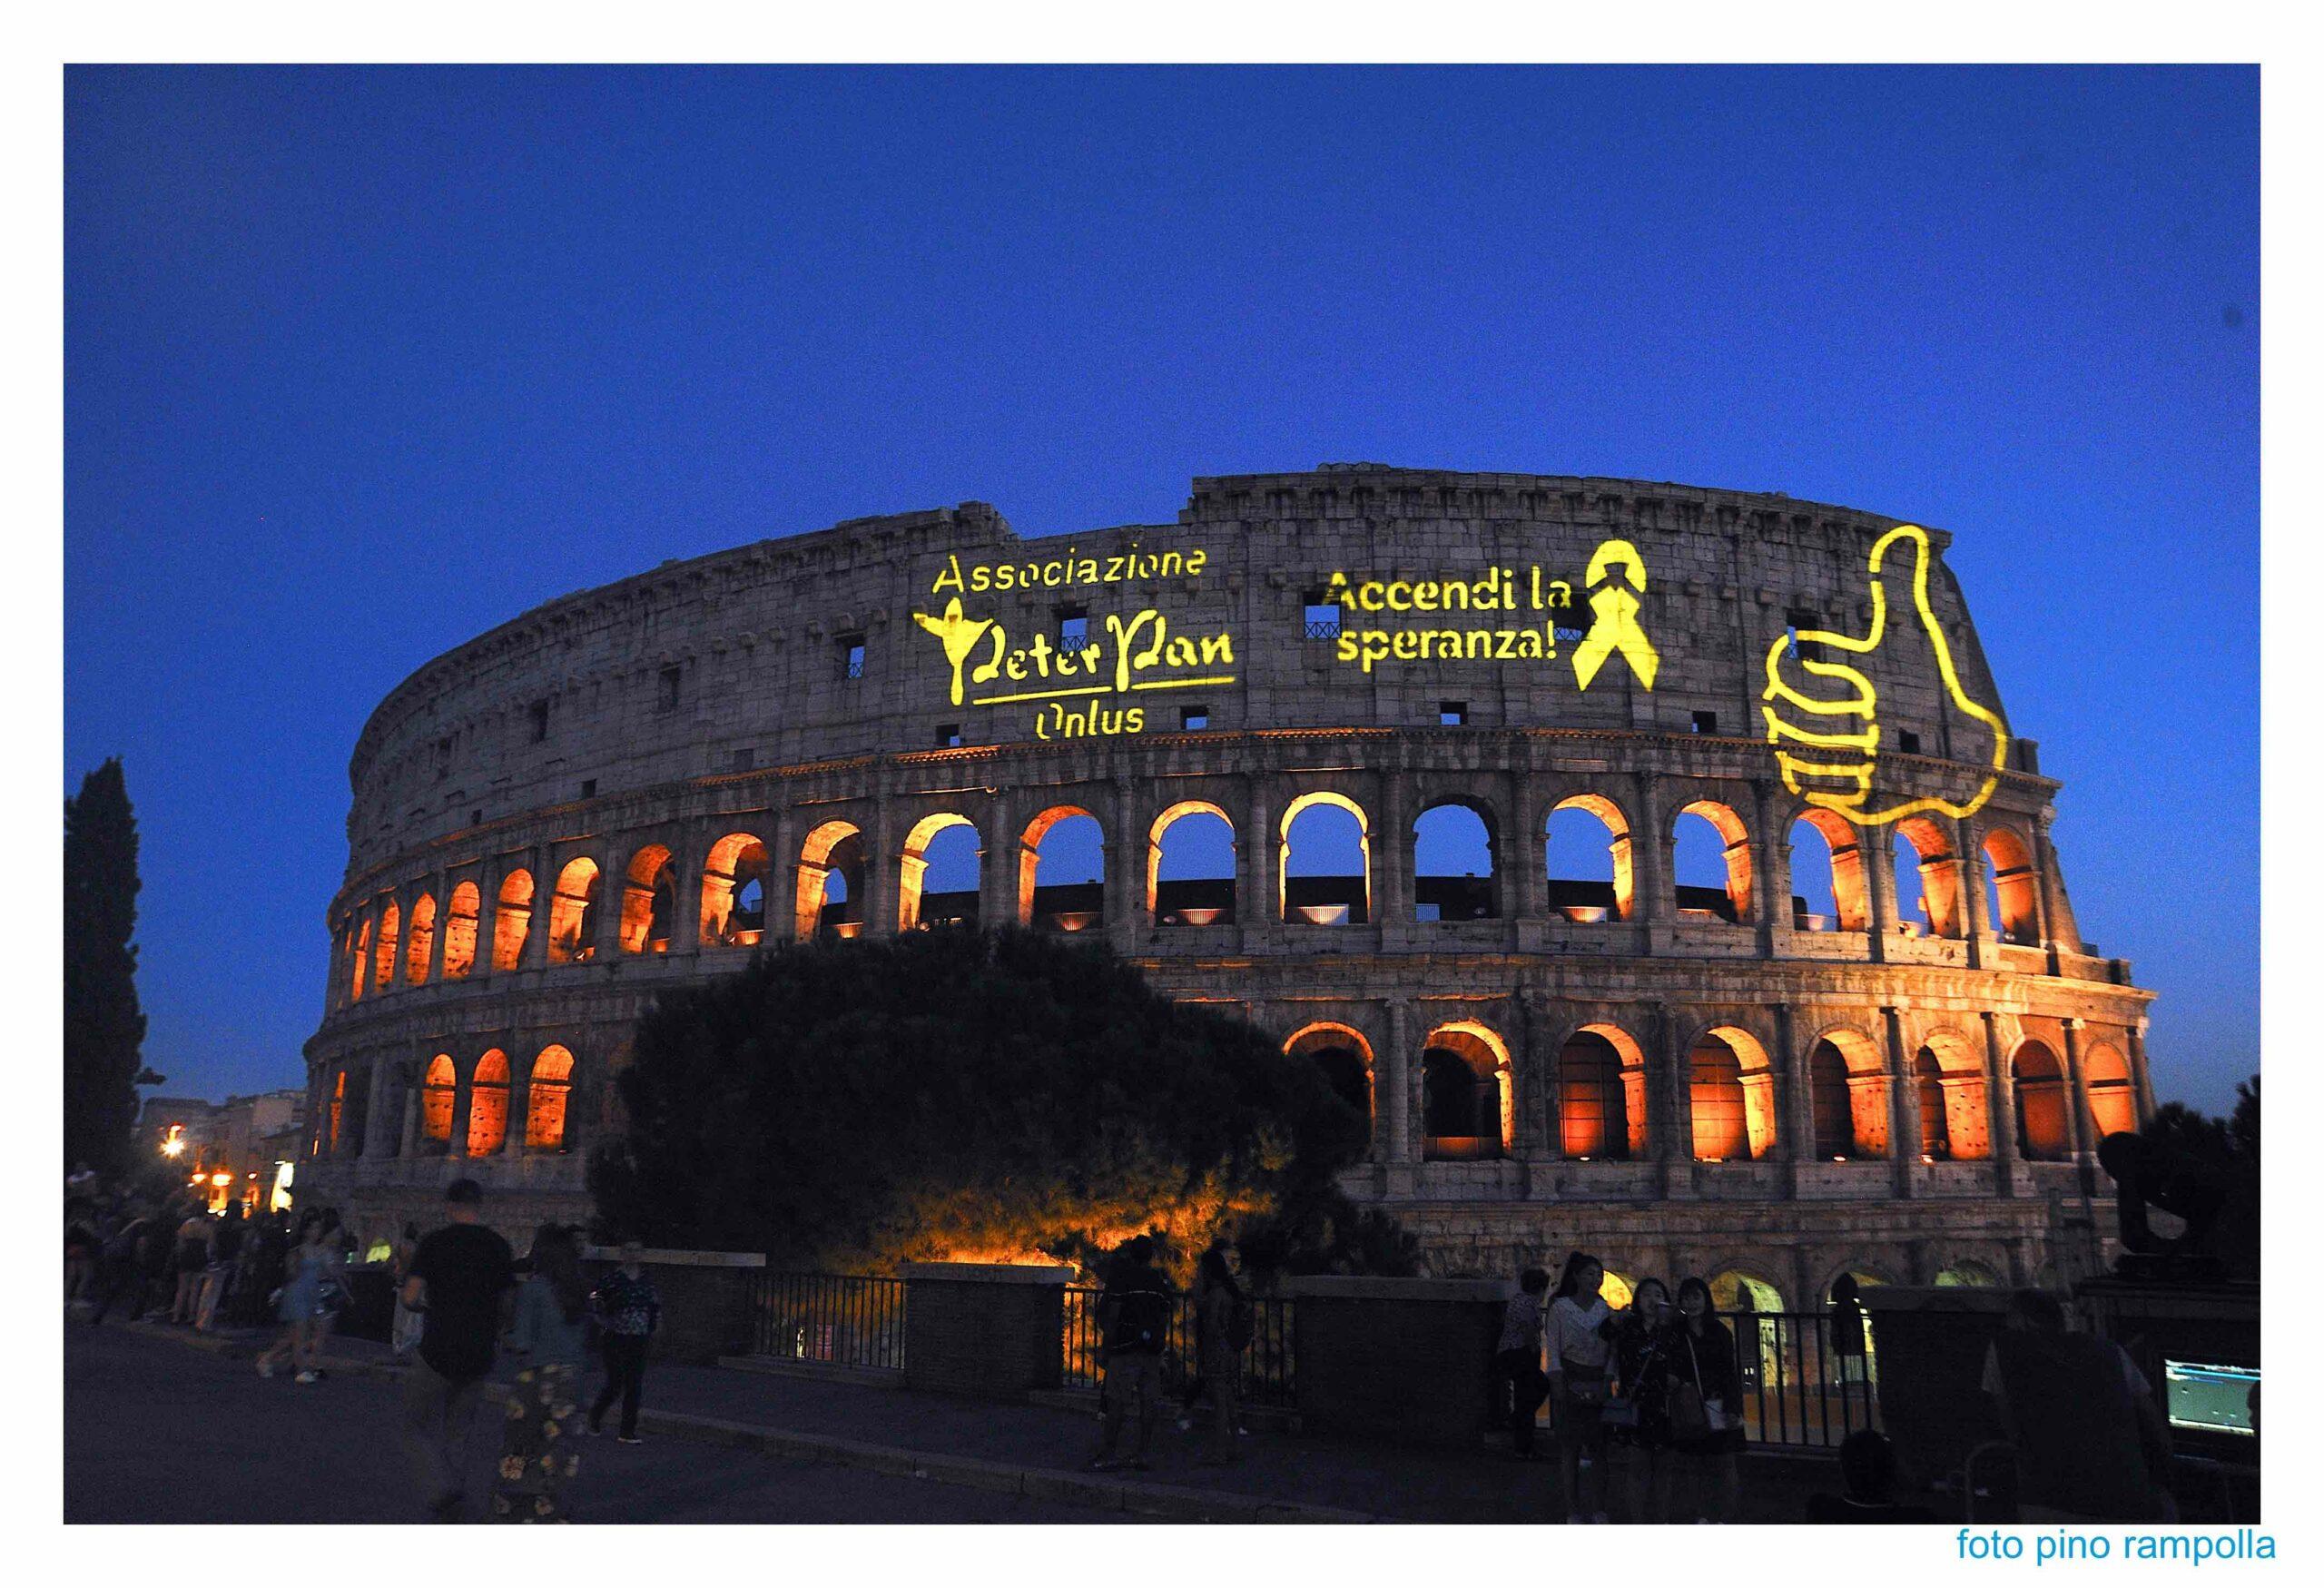 Colosseo Accendi la Speranza Peter Pan Onlus Go Gold